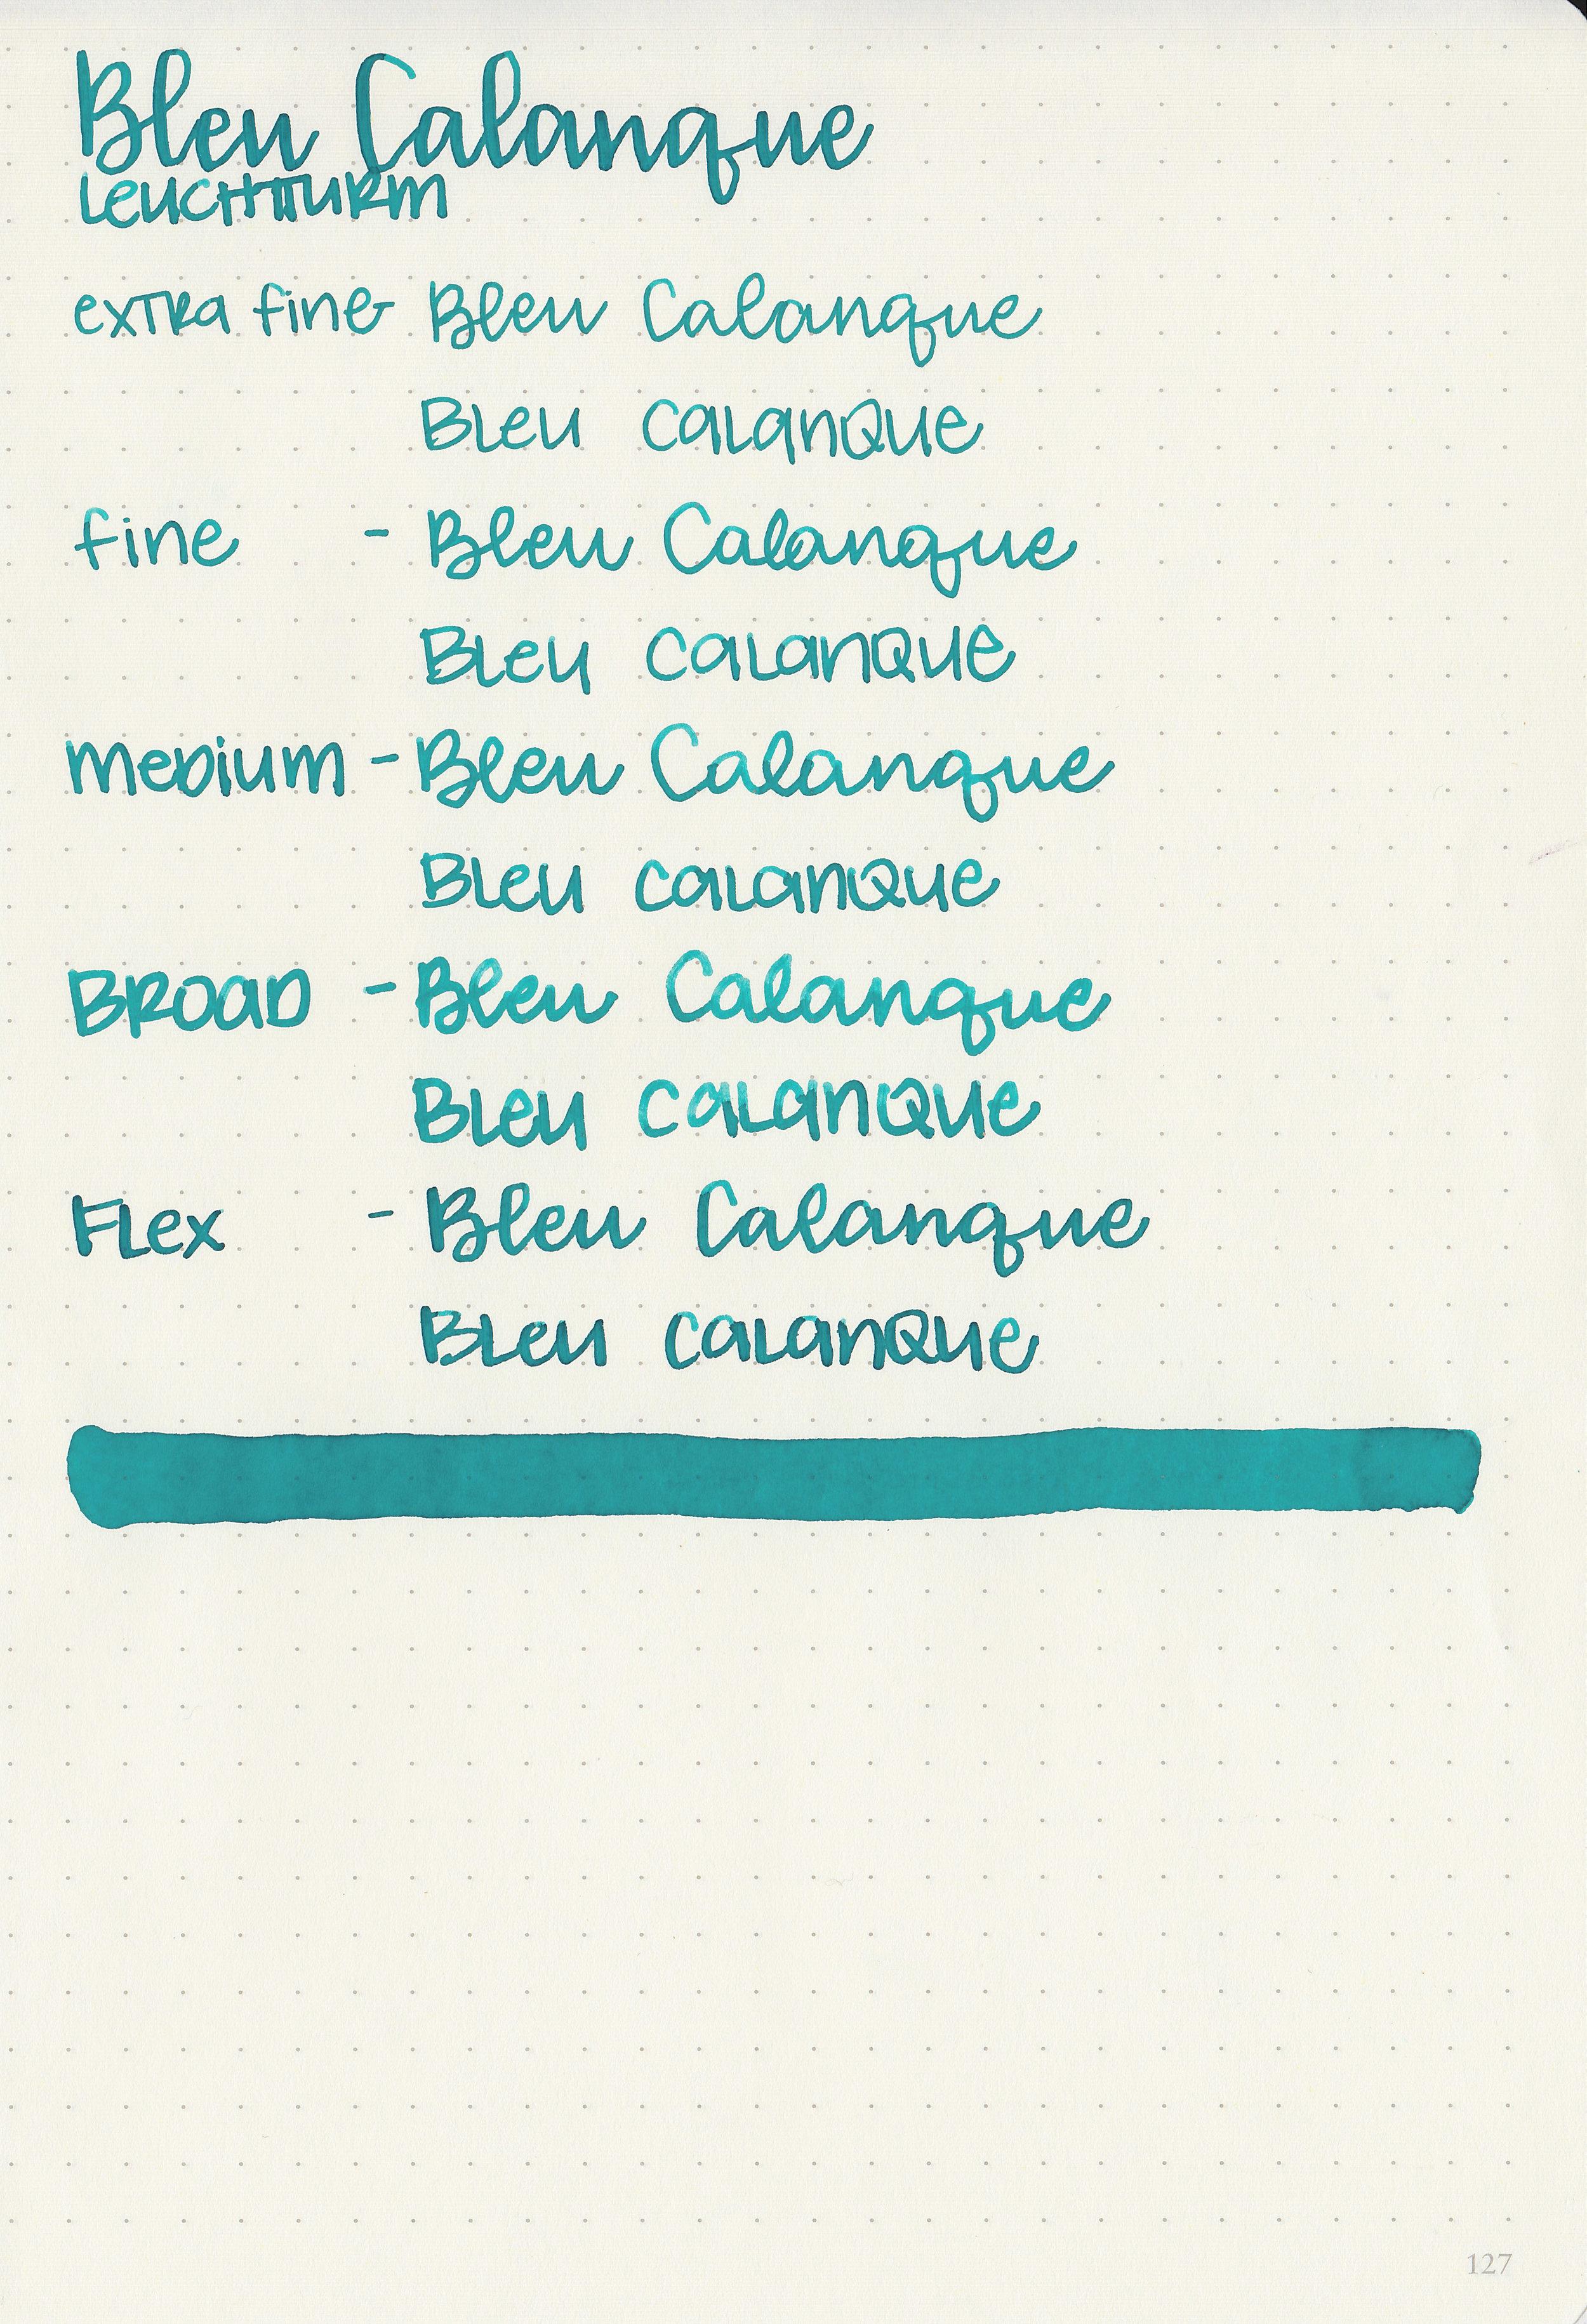 jh-bleu-calanque-9.jpg